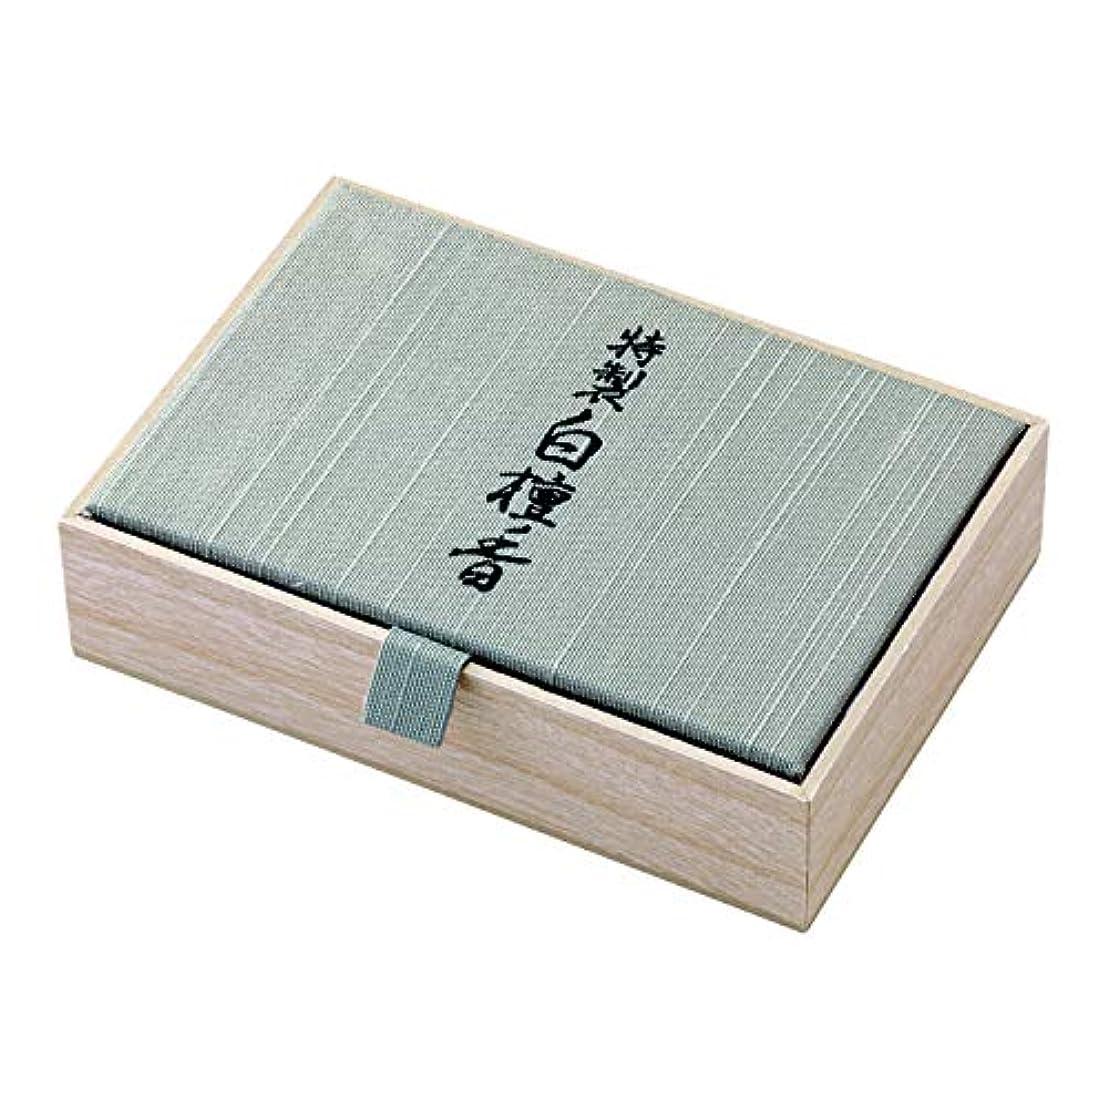 結婚する敬礼横たわる特製白檀香 スティック 150本入